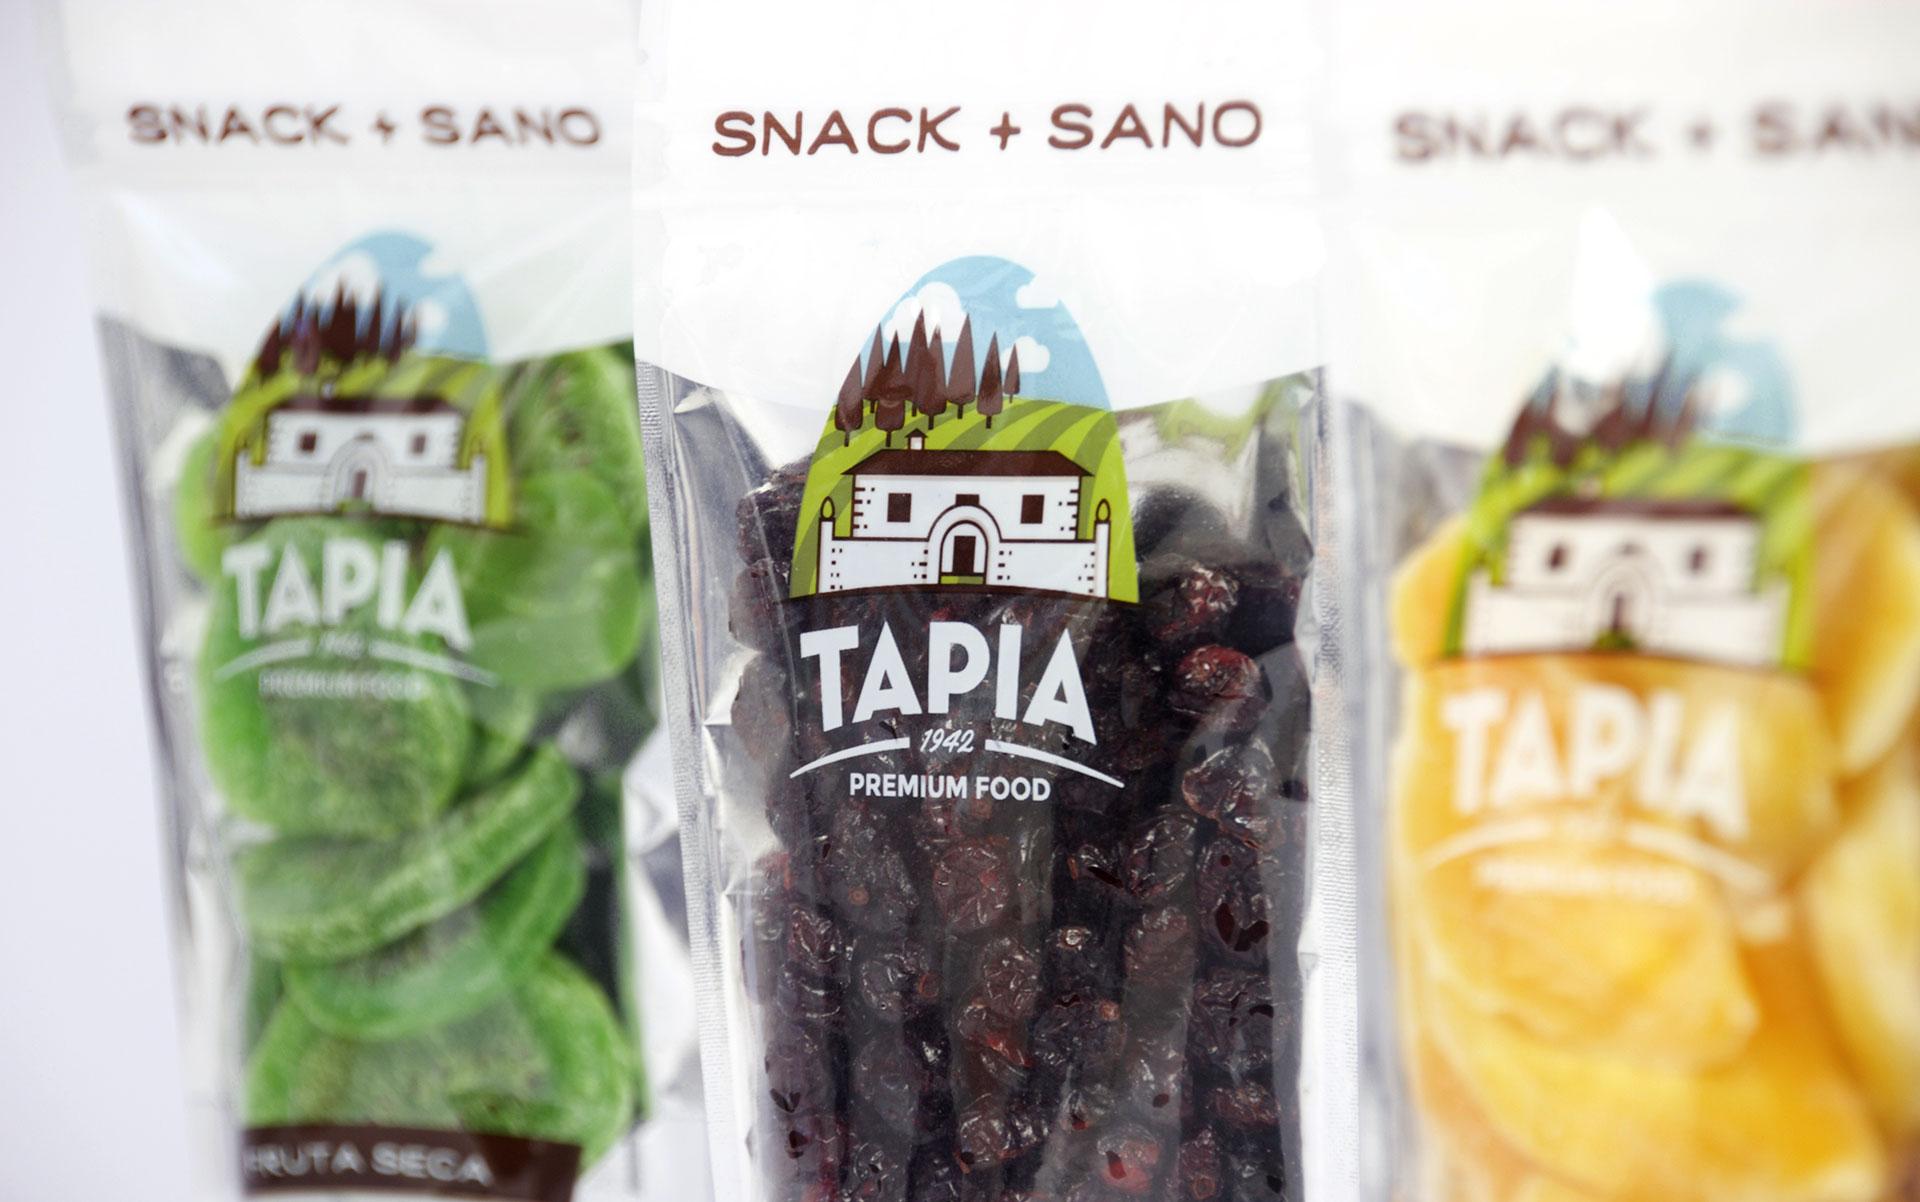 Detalle de impresión del packaging de Tapia